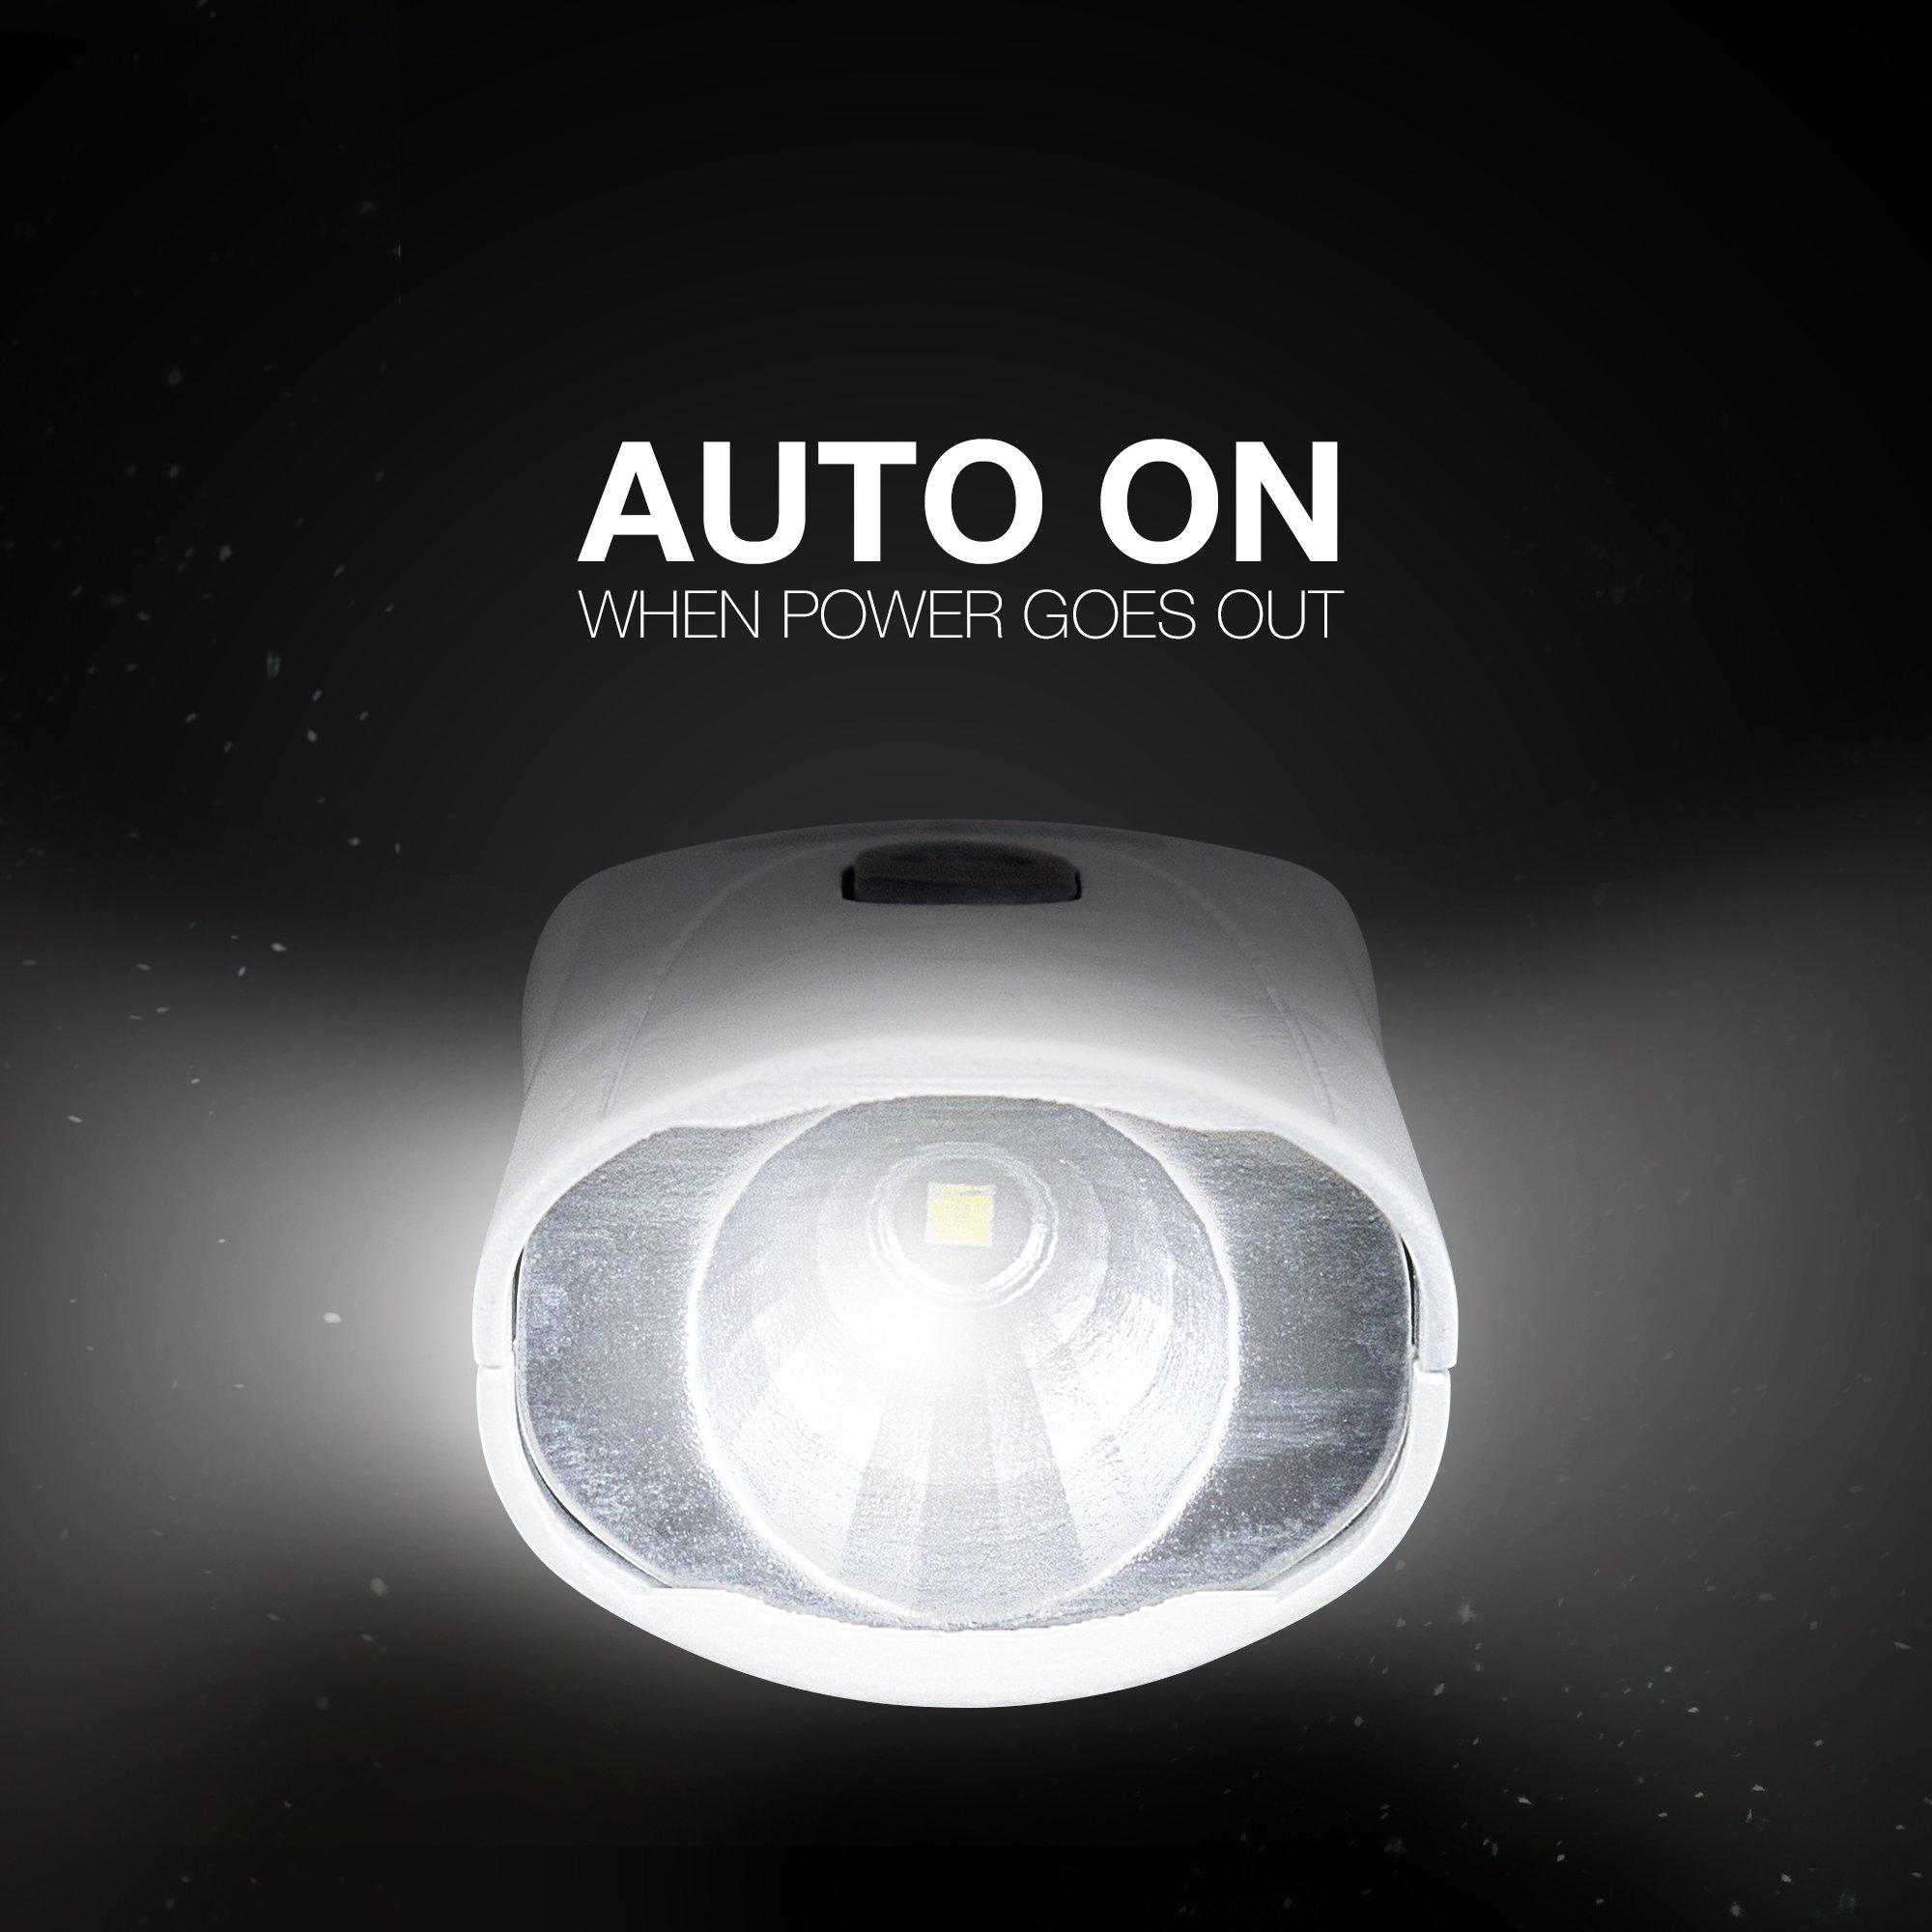 Energizer Rechargeable Plug In LED Flashlight, Emergency